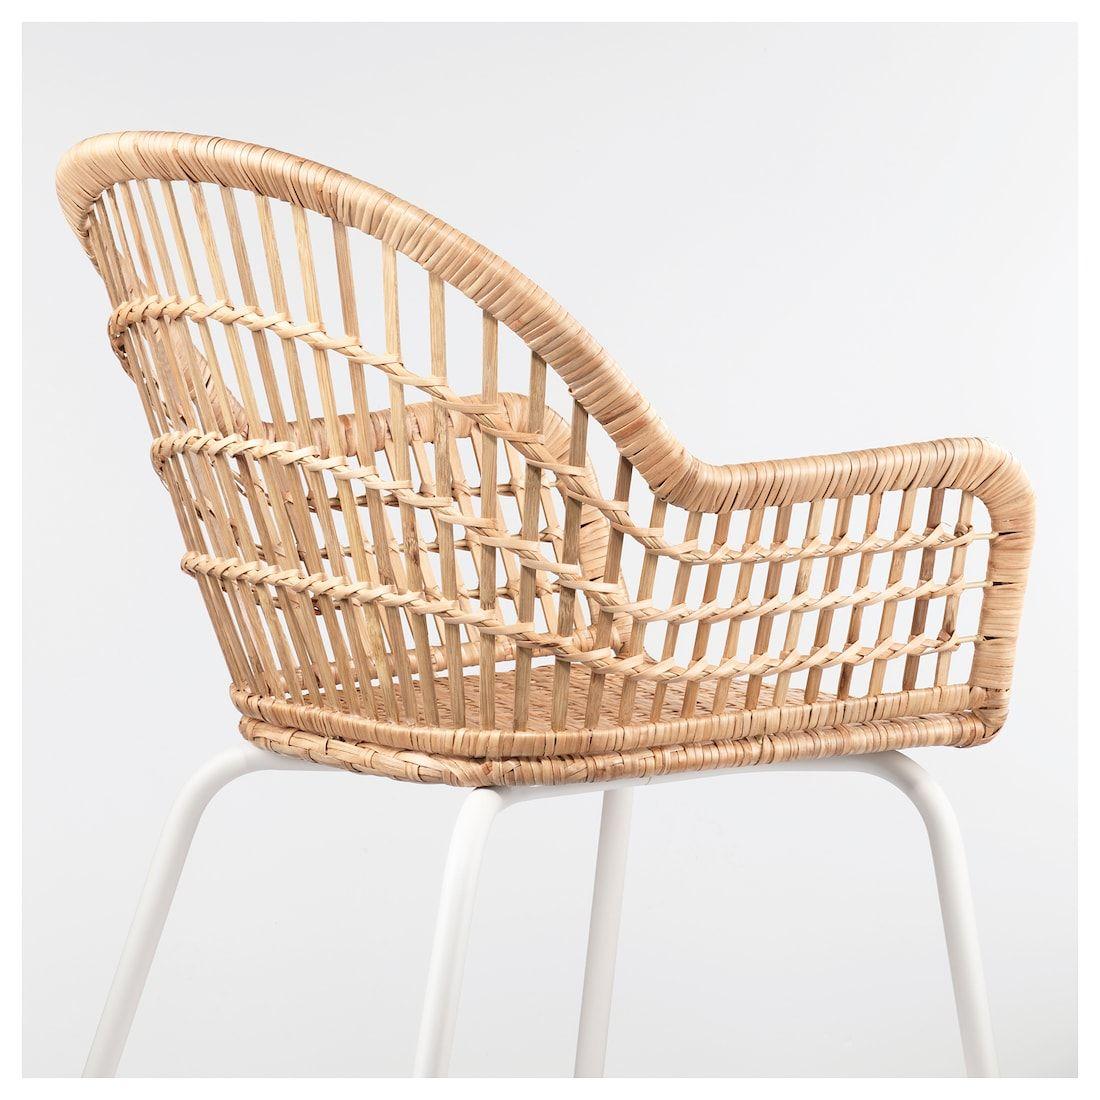 NILSOVE Armchair rattan, white Rattan, Chair, Ikea